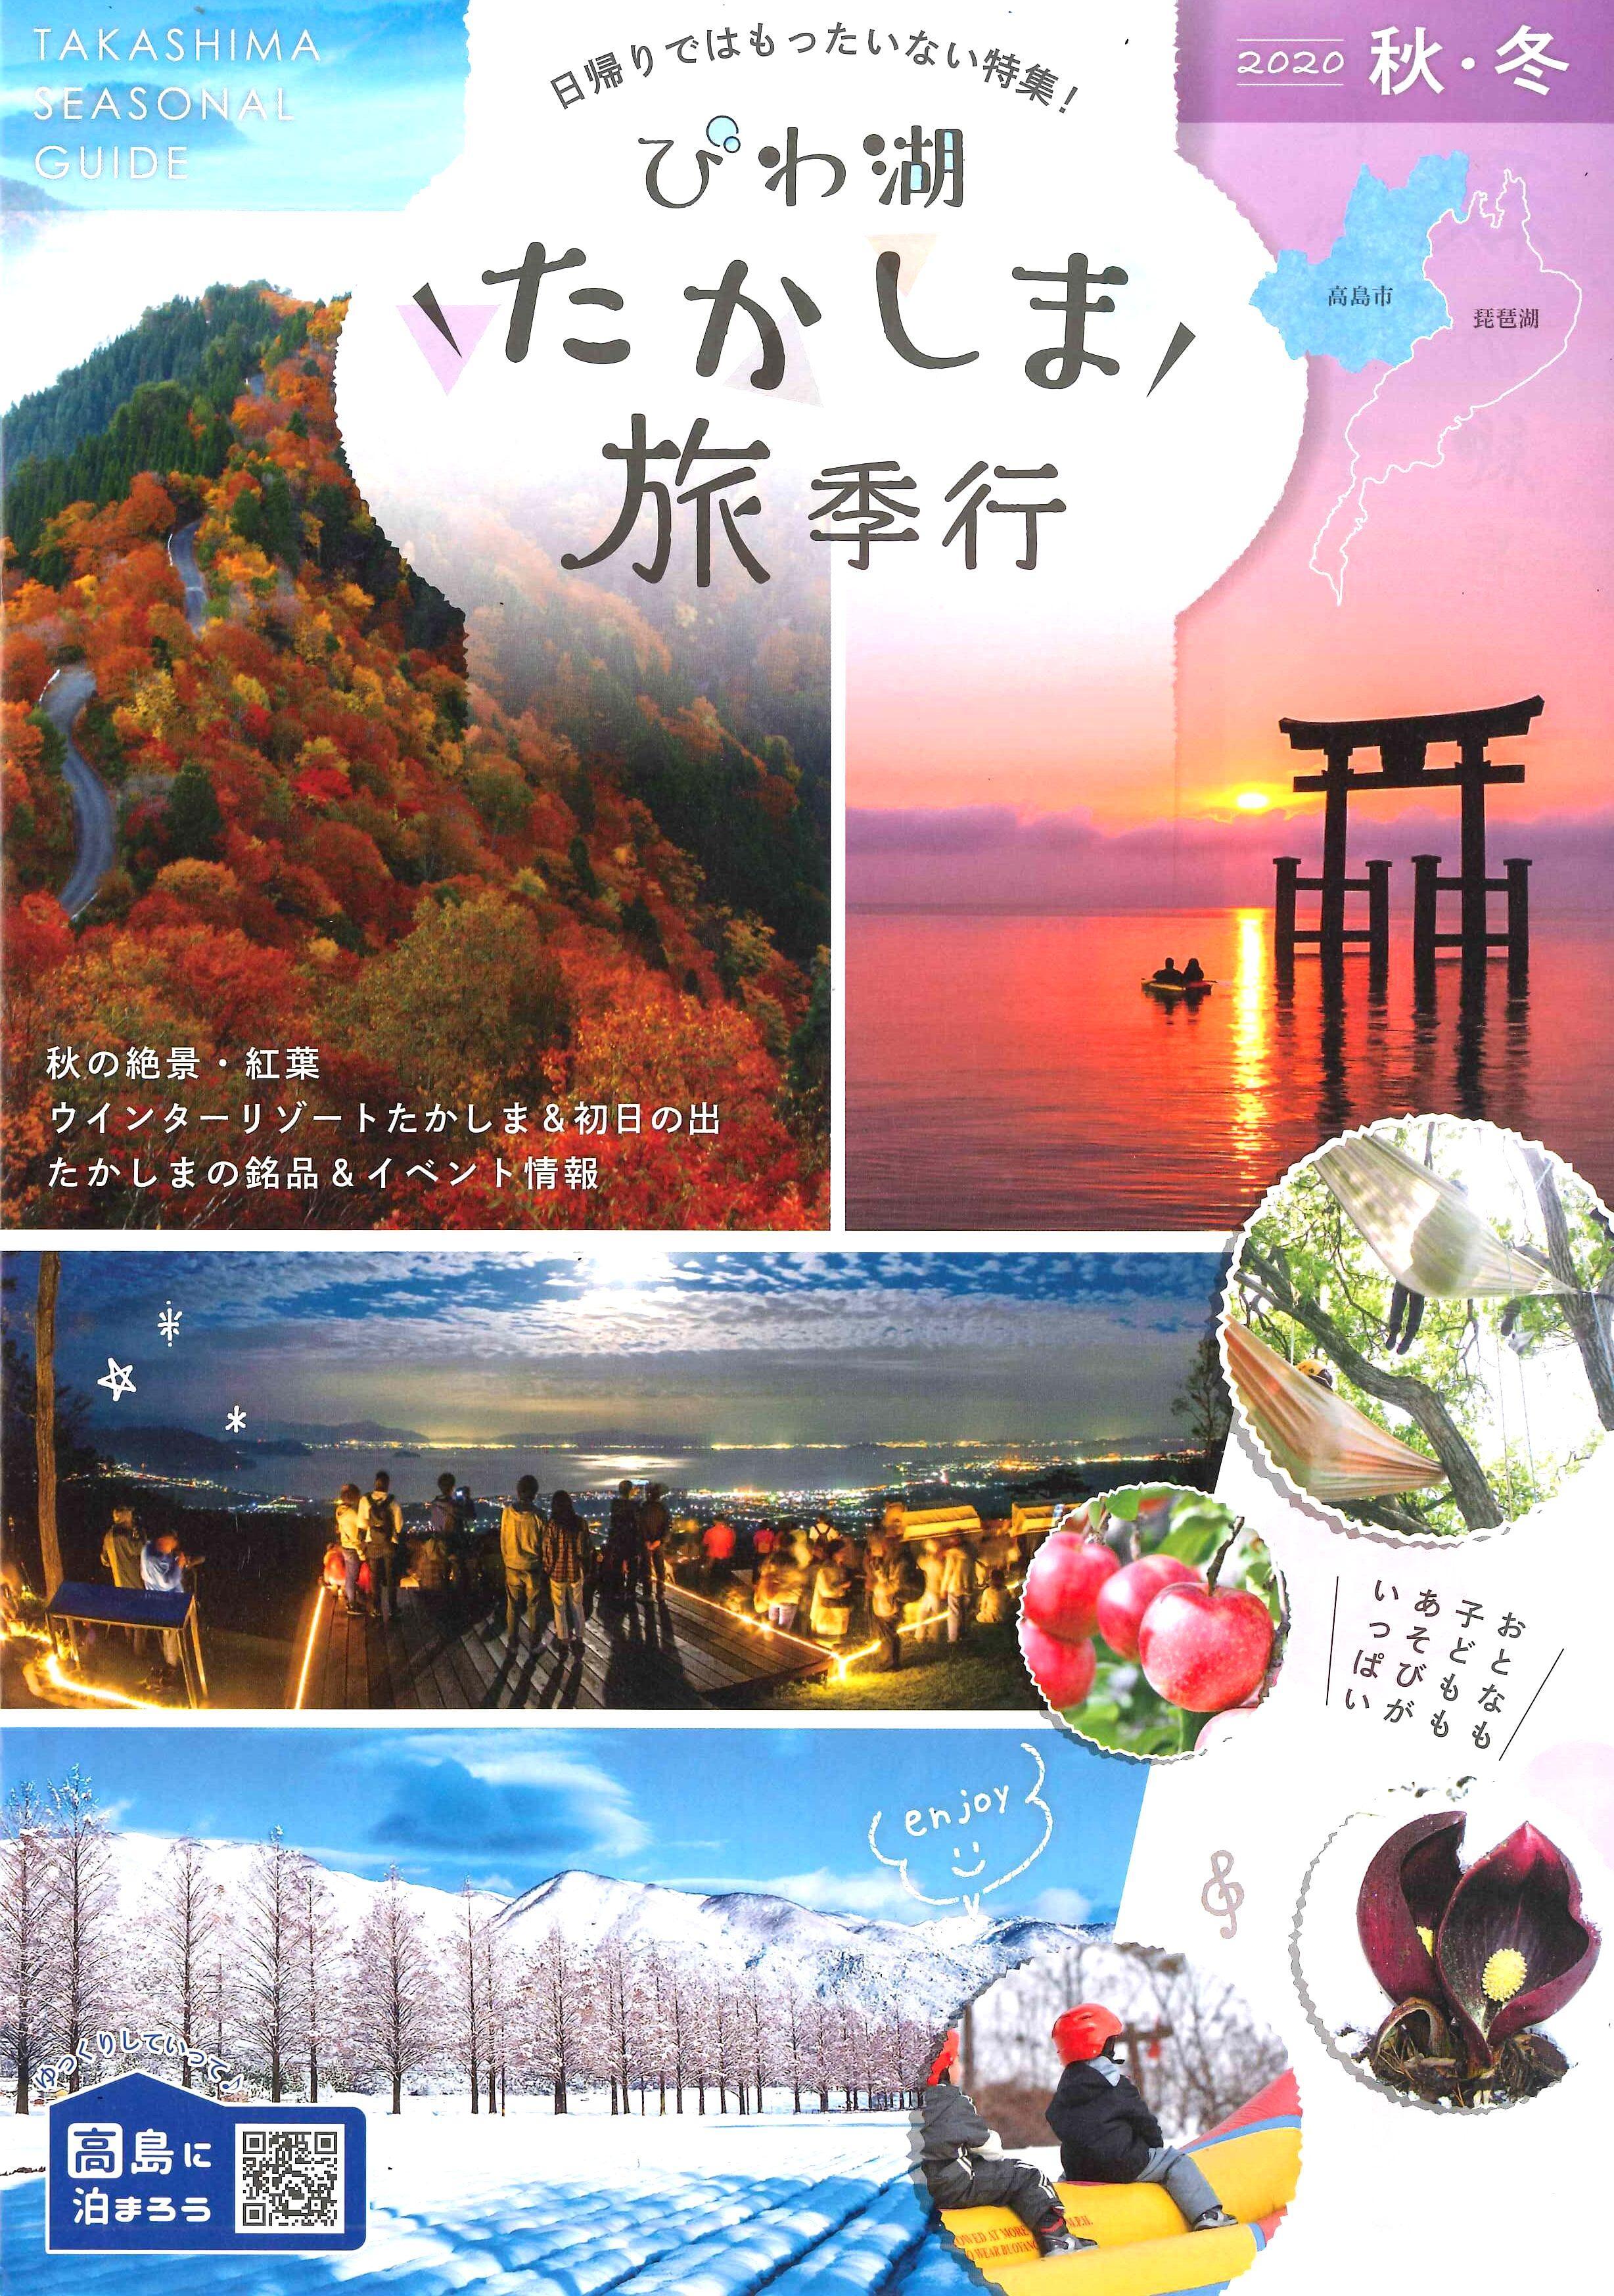 びわ湖たかしま旅季行2020秋冬号